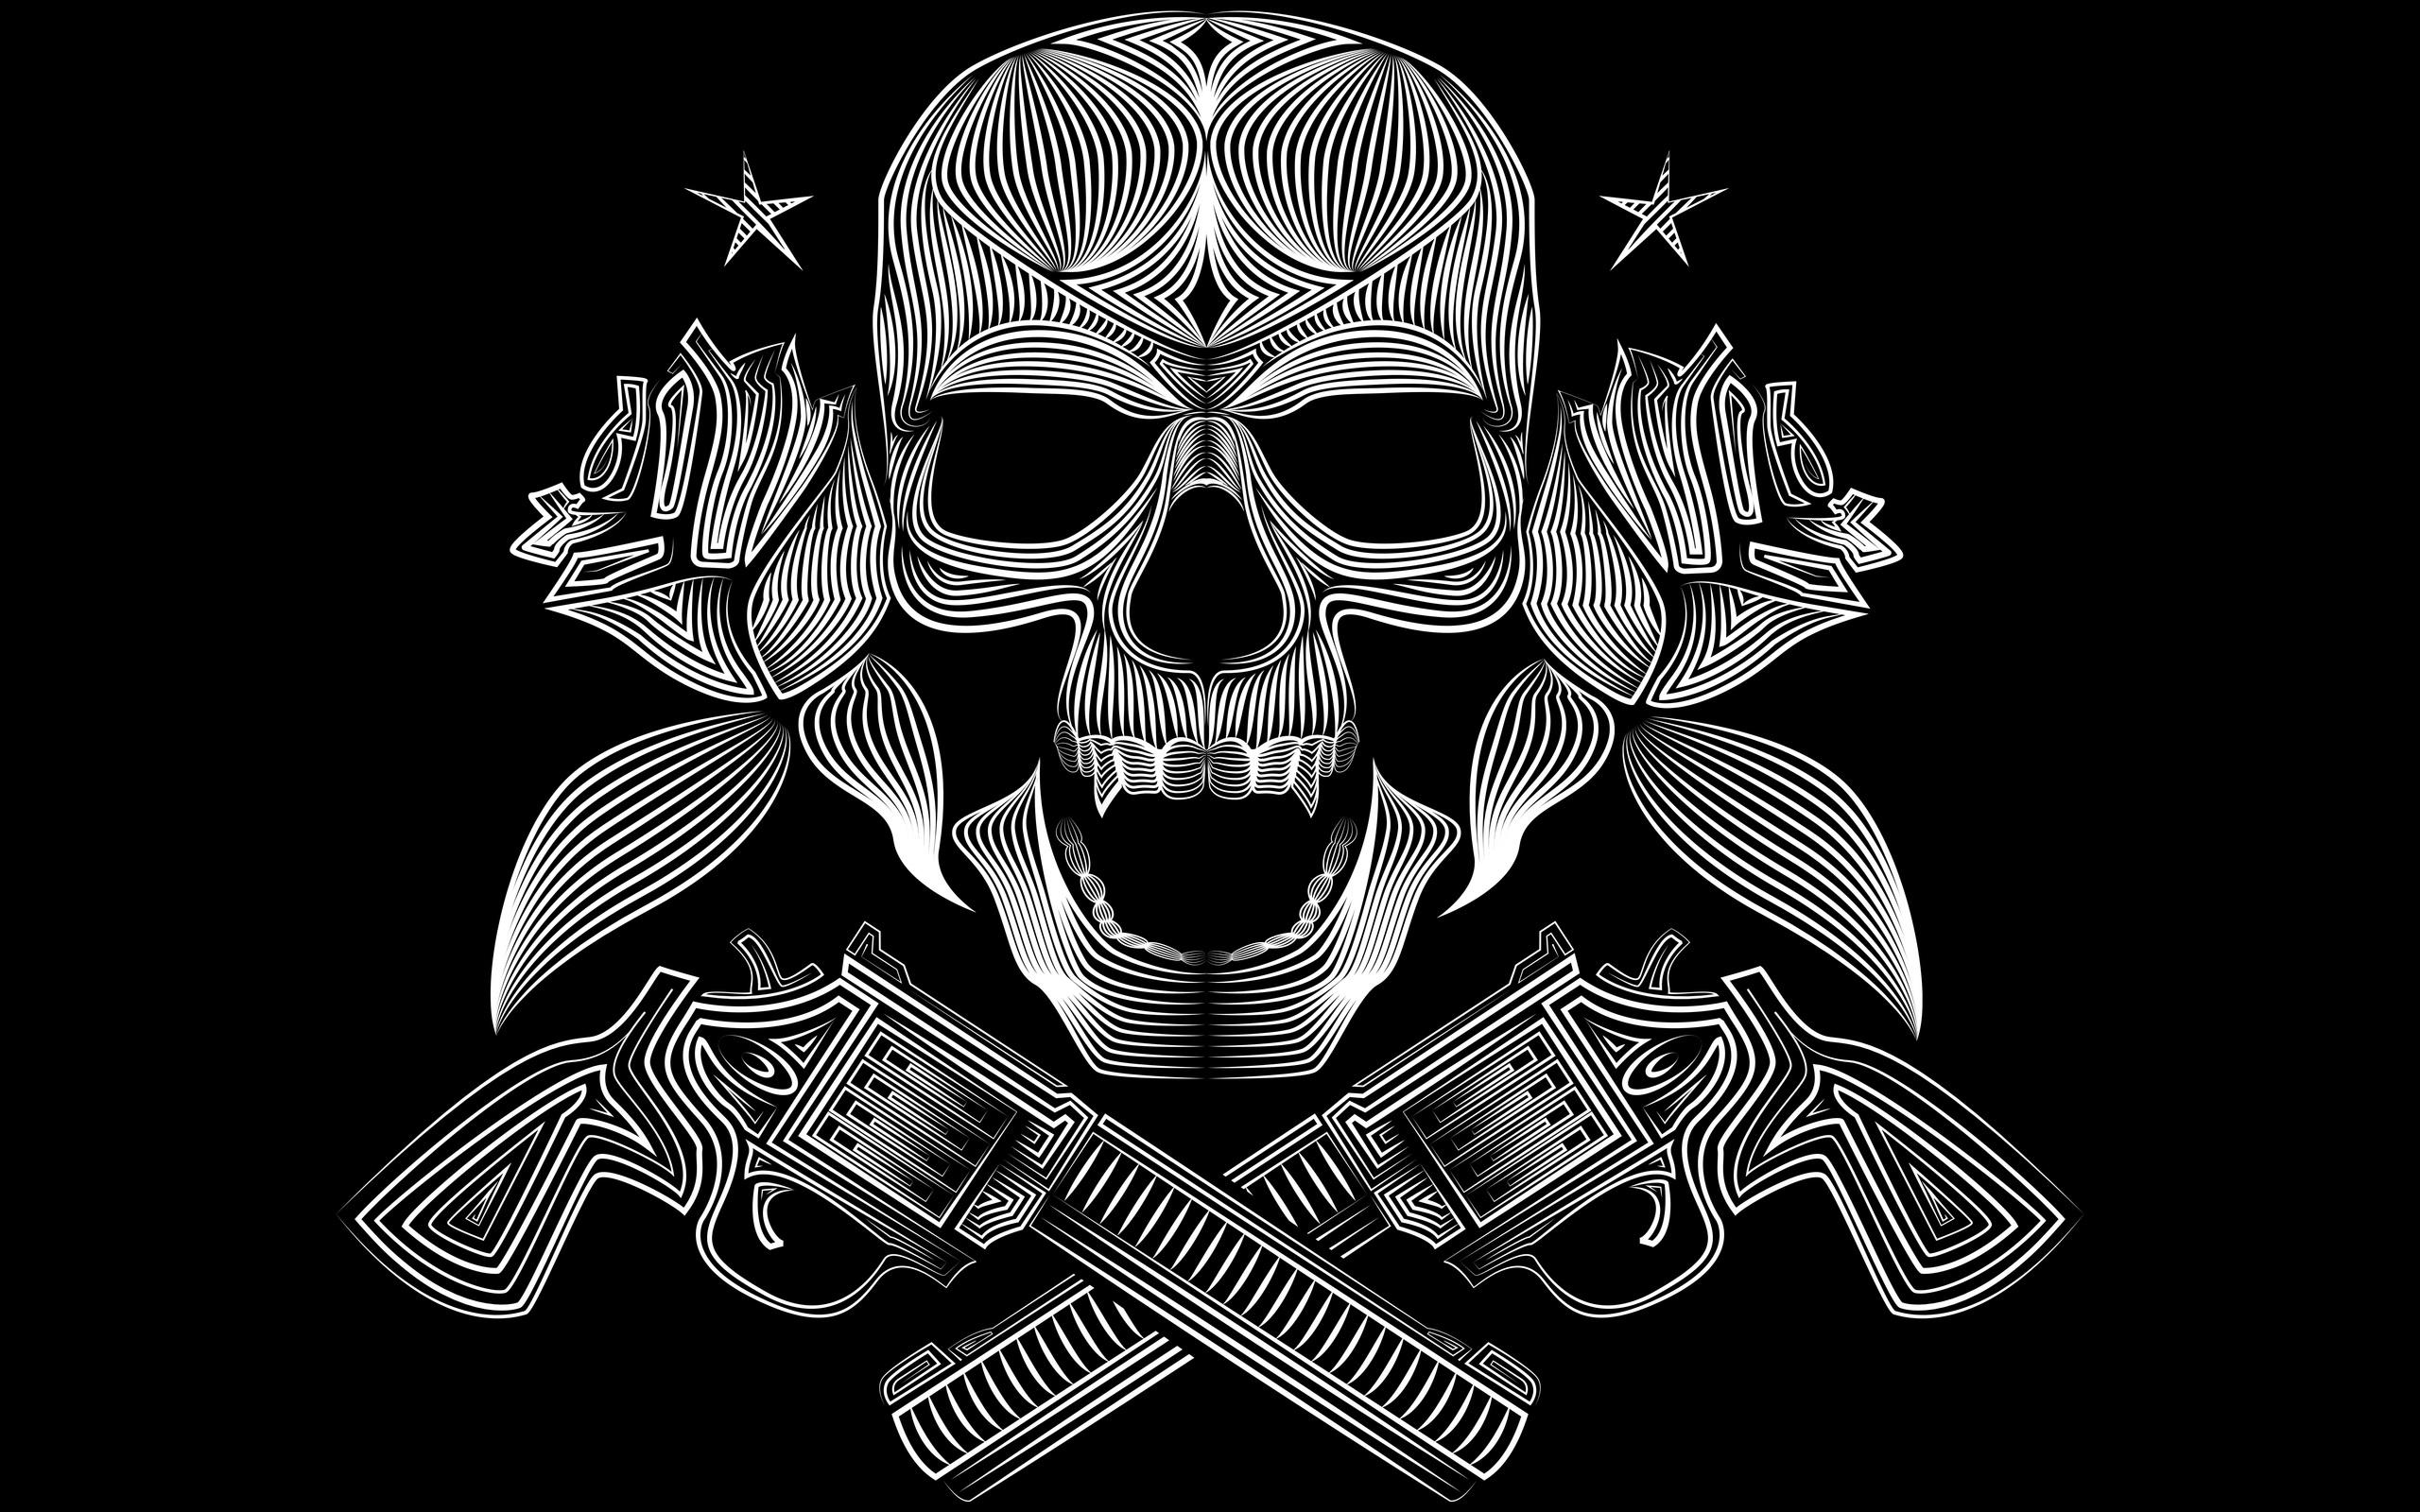 2560x1600 Skull Gun N Roses 8k 2560x1600 Resolution Hd 4k